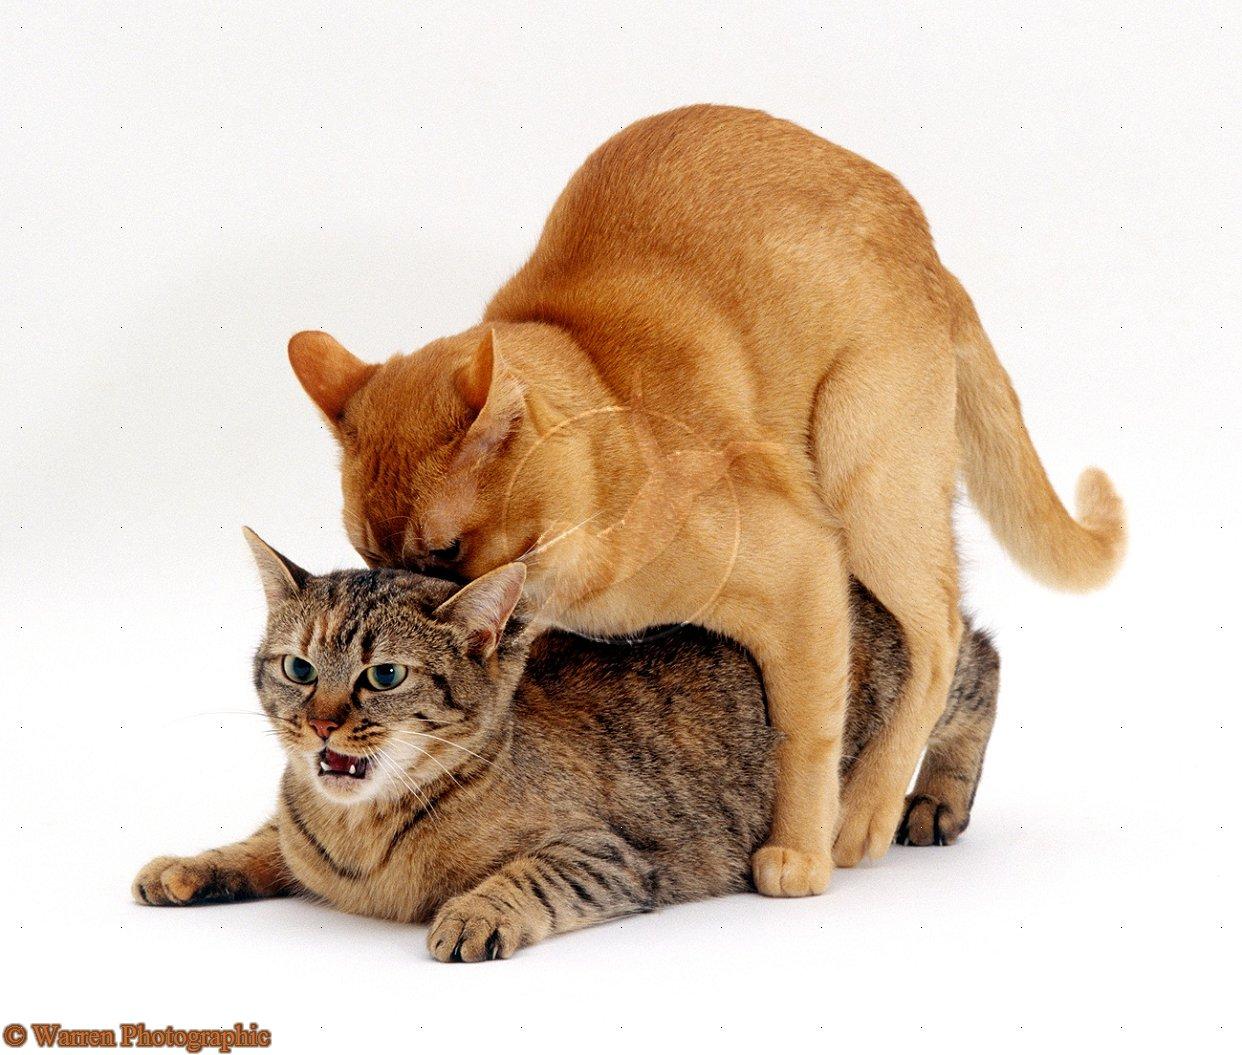 Почему кастрированный кот пытается делать садку на кошек или предметы?